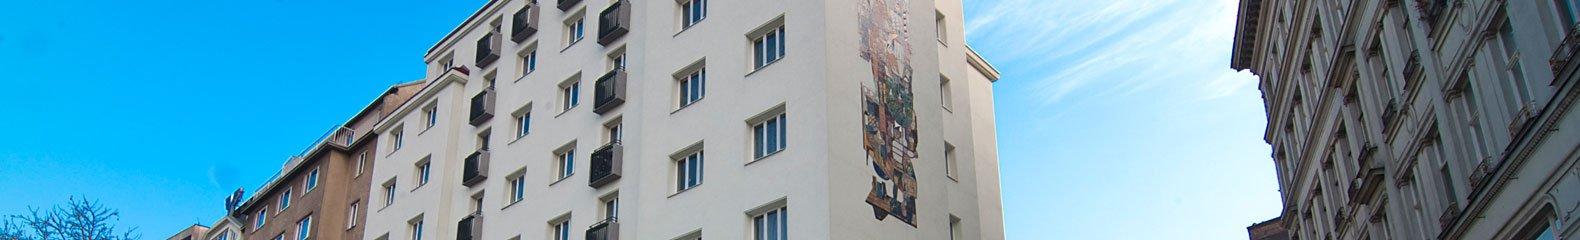 OeAD-Apartment Hafnersteig